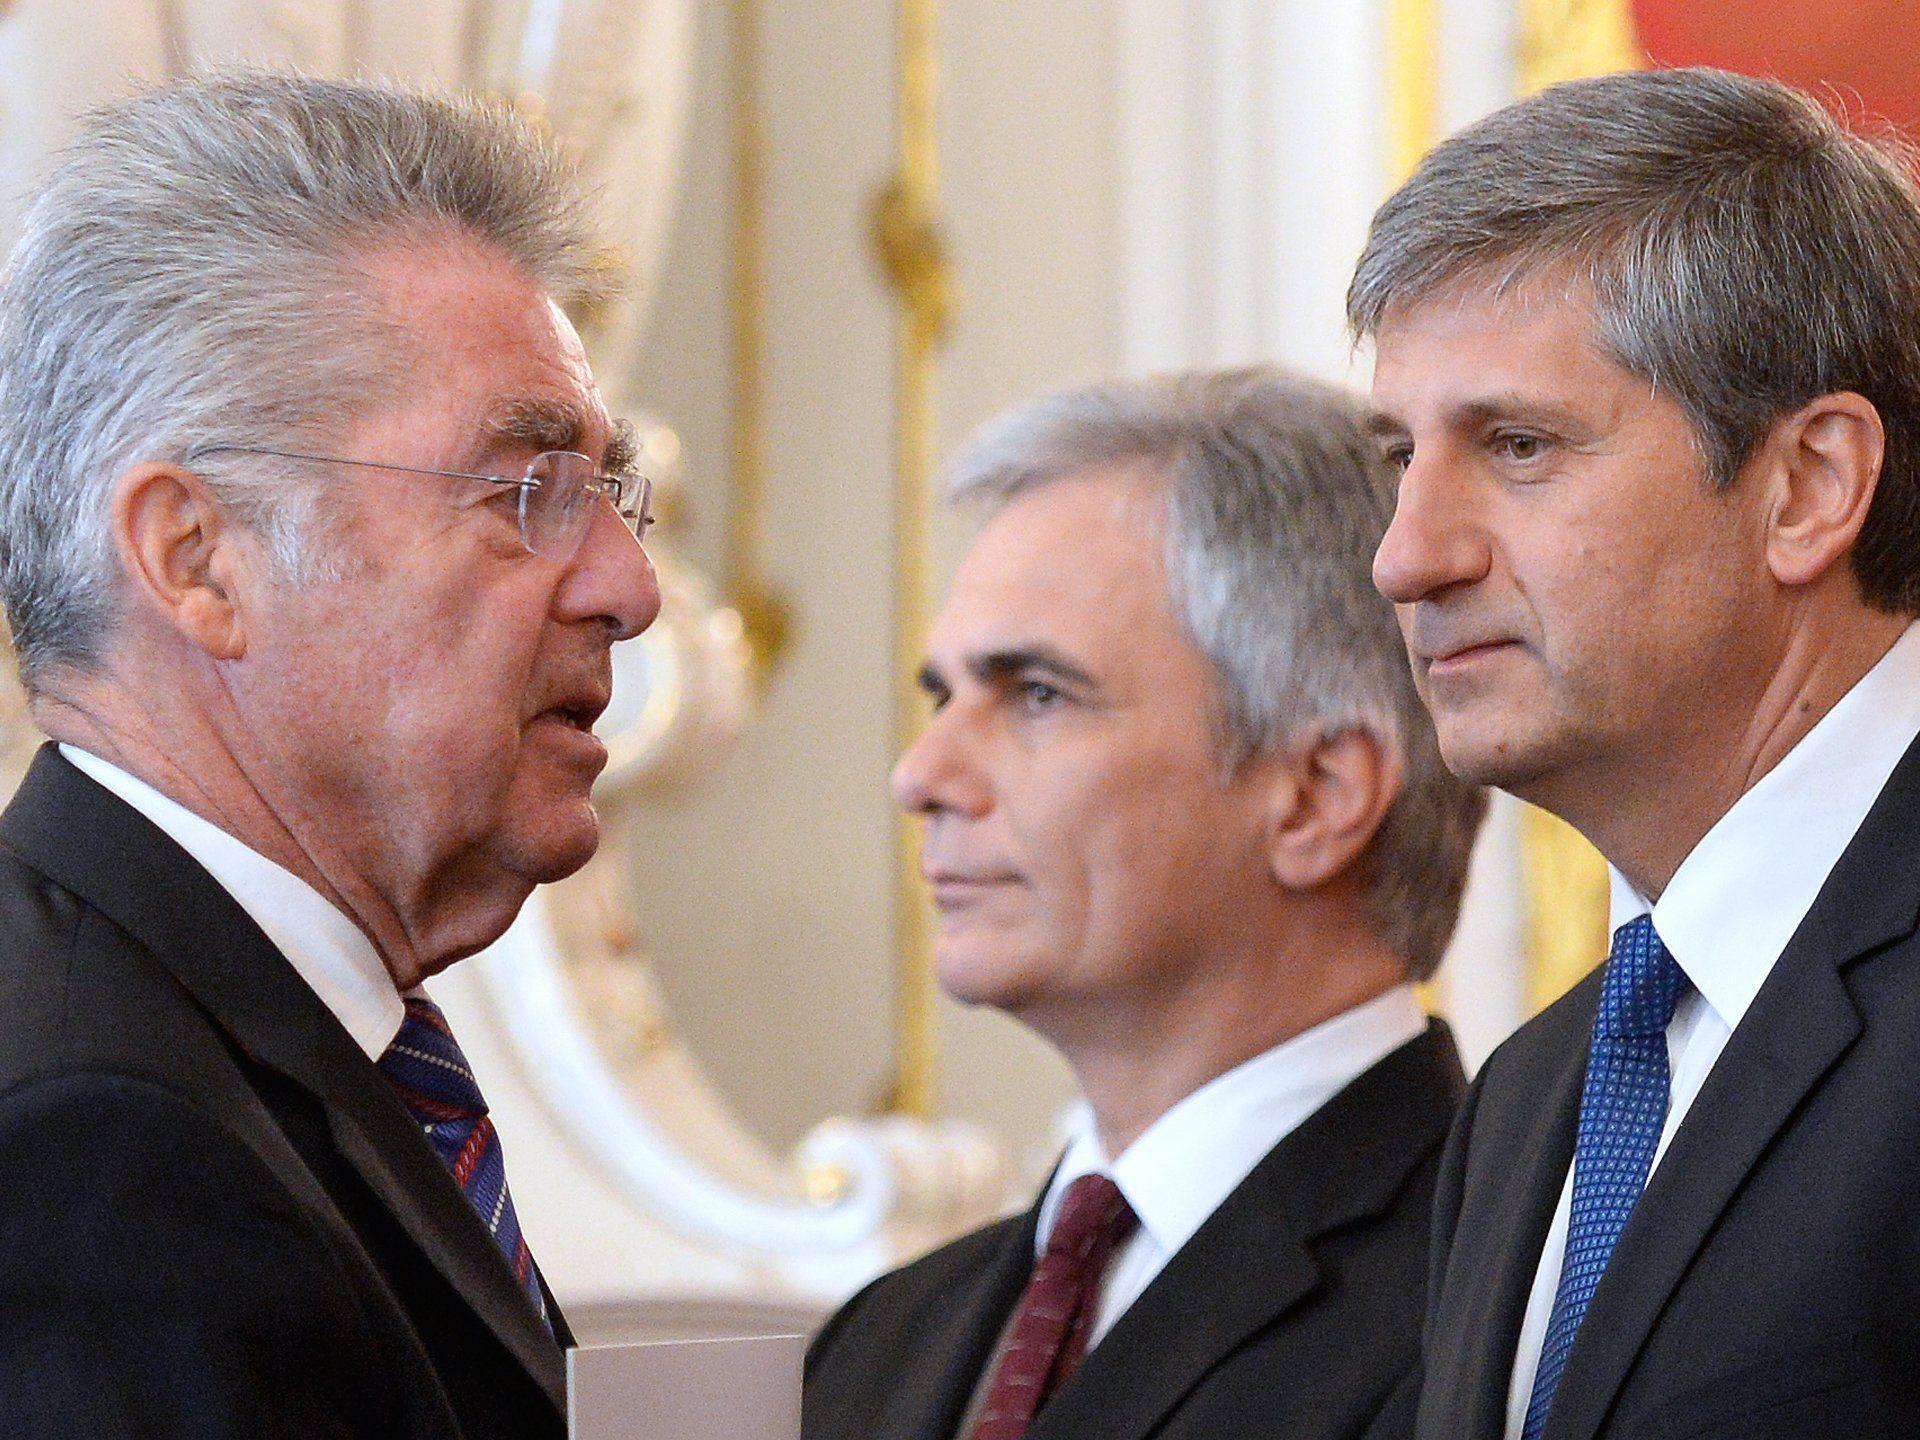 Bis Bundespräsident Fischer eine neue Regierung angeloben kann, brennt wohl schon mehr als eine Kerze am Adventkranz...